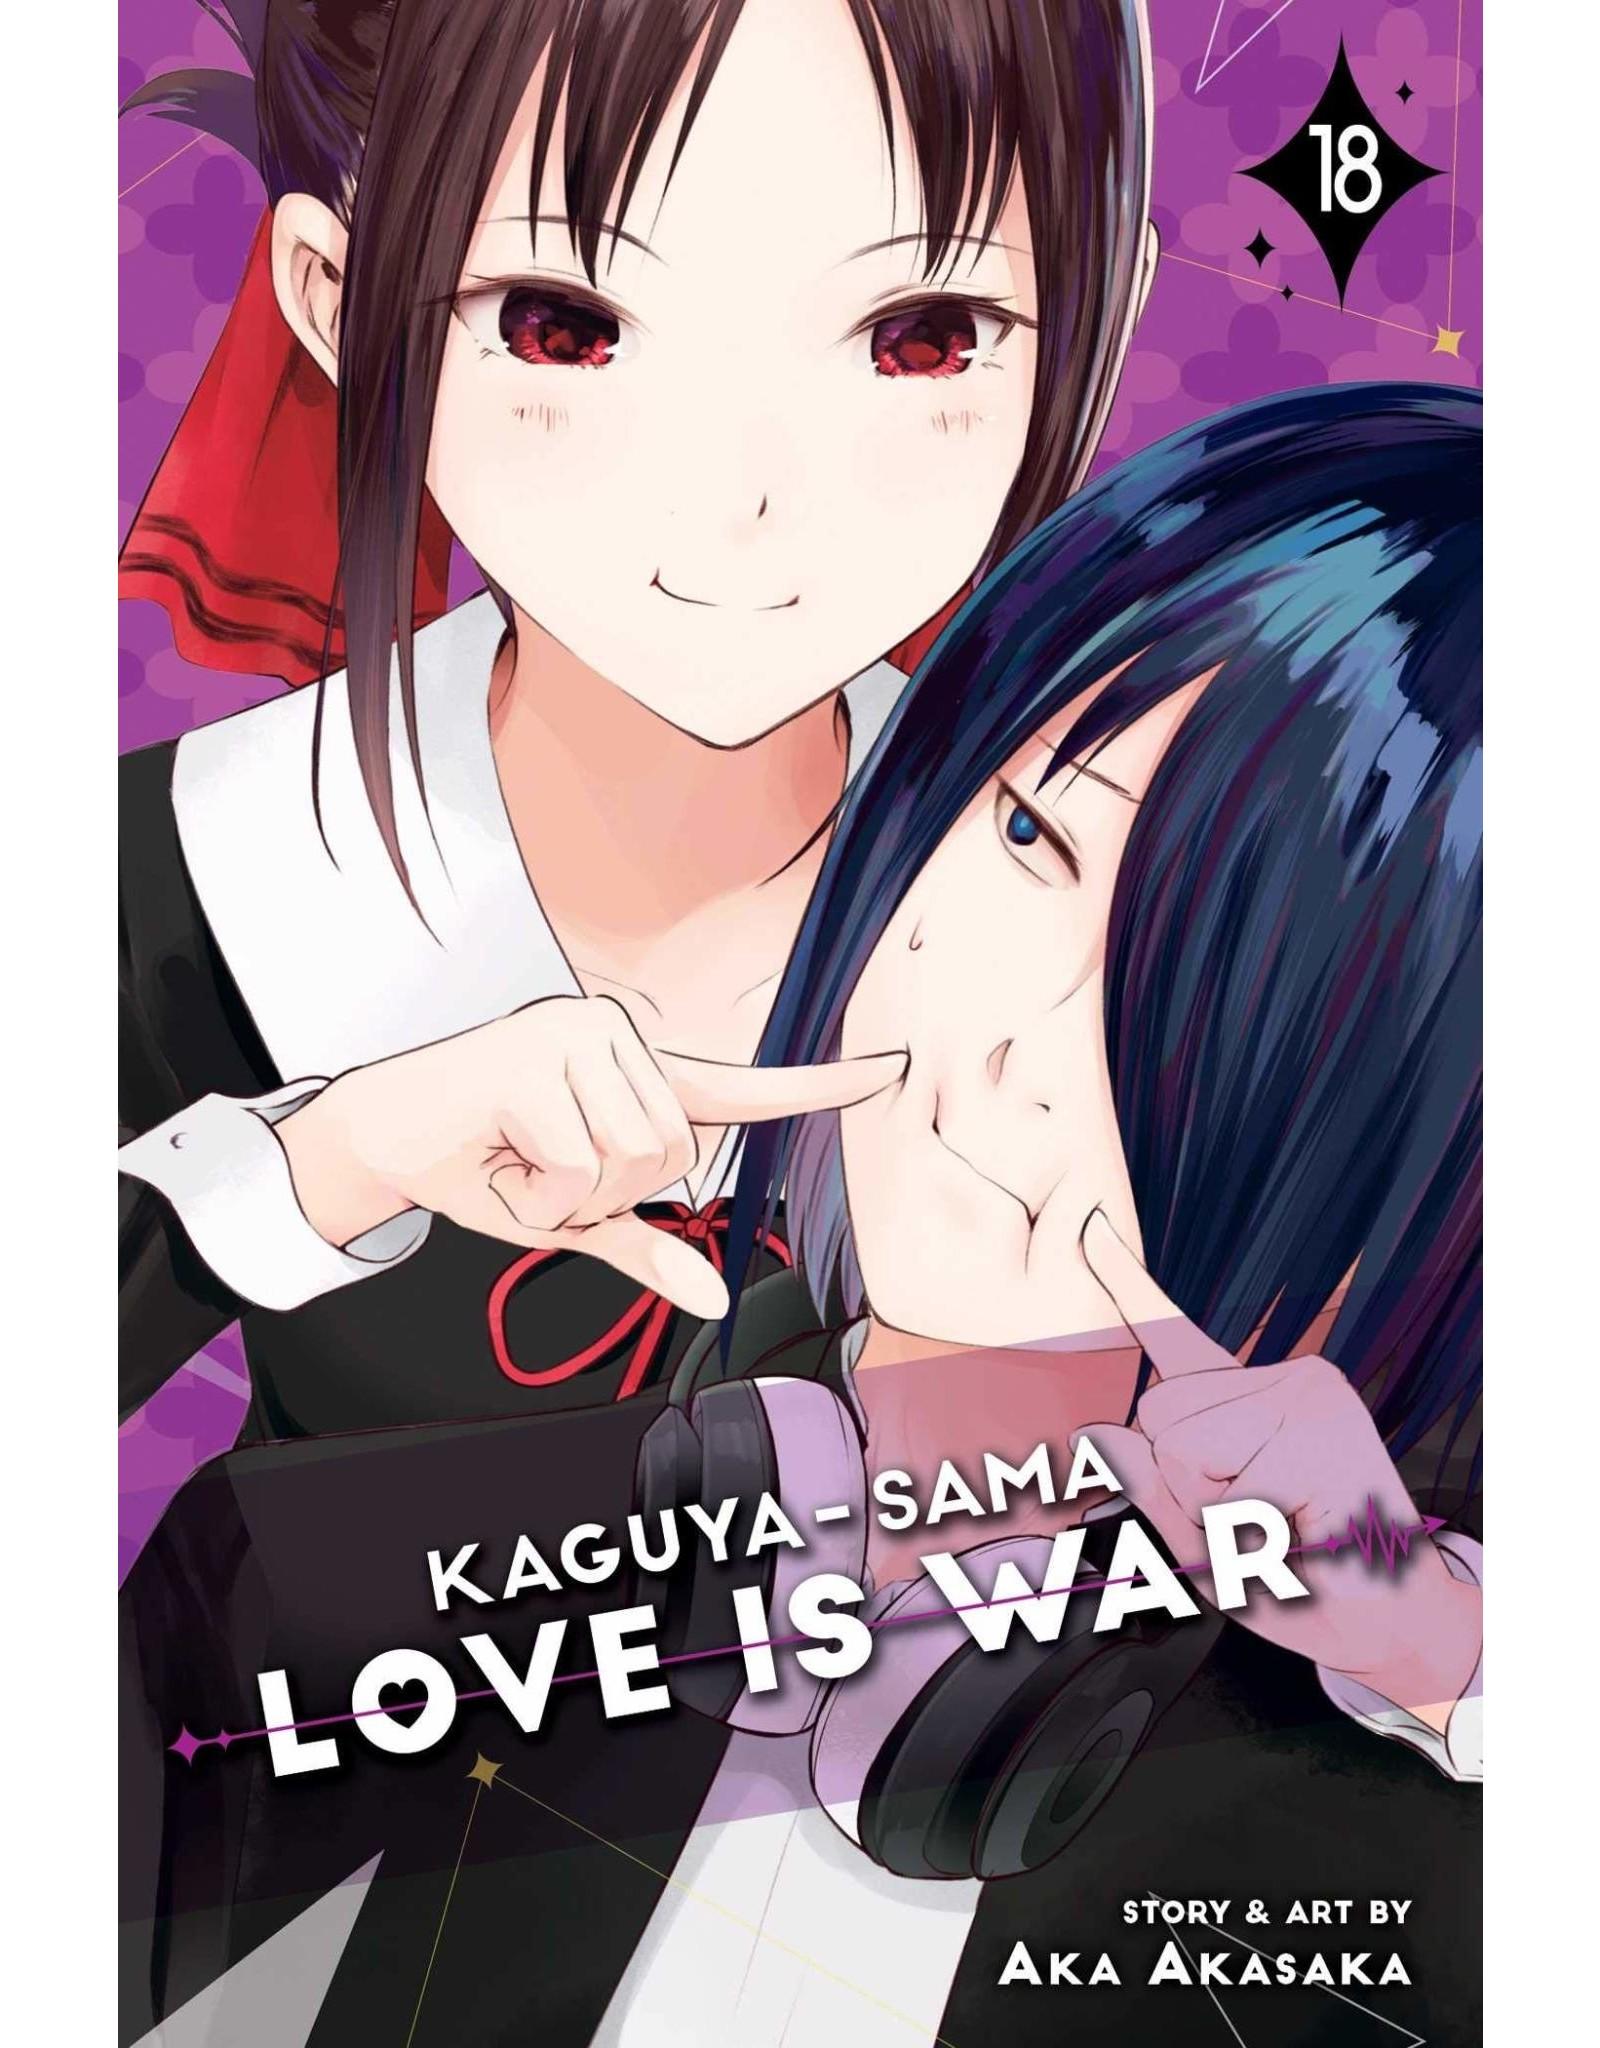 Kaguya-Sama: Love is War 18 (Engelstalig)